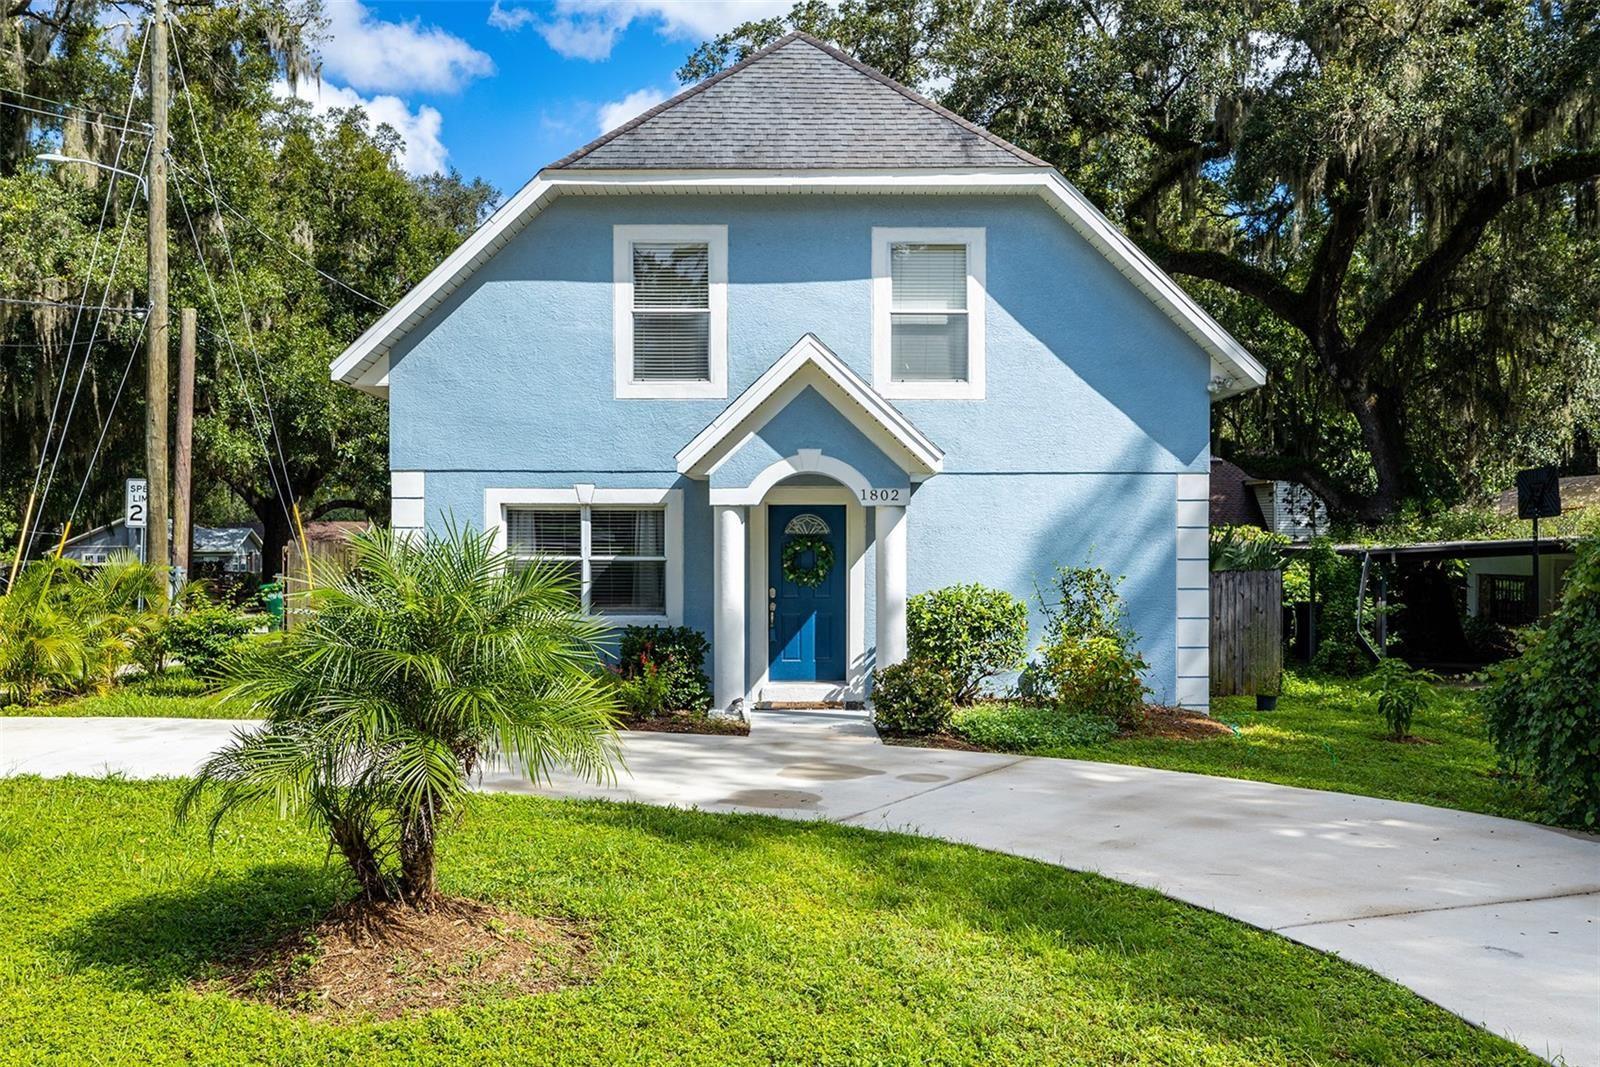 1802 E SLIGH AVENUE, Tampa, FL 33610 - #: T3330137